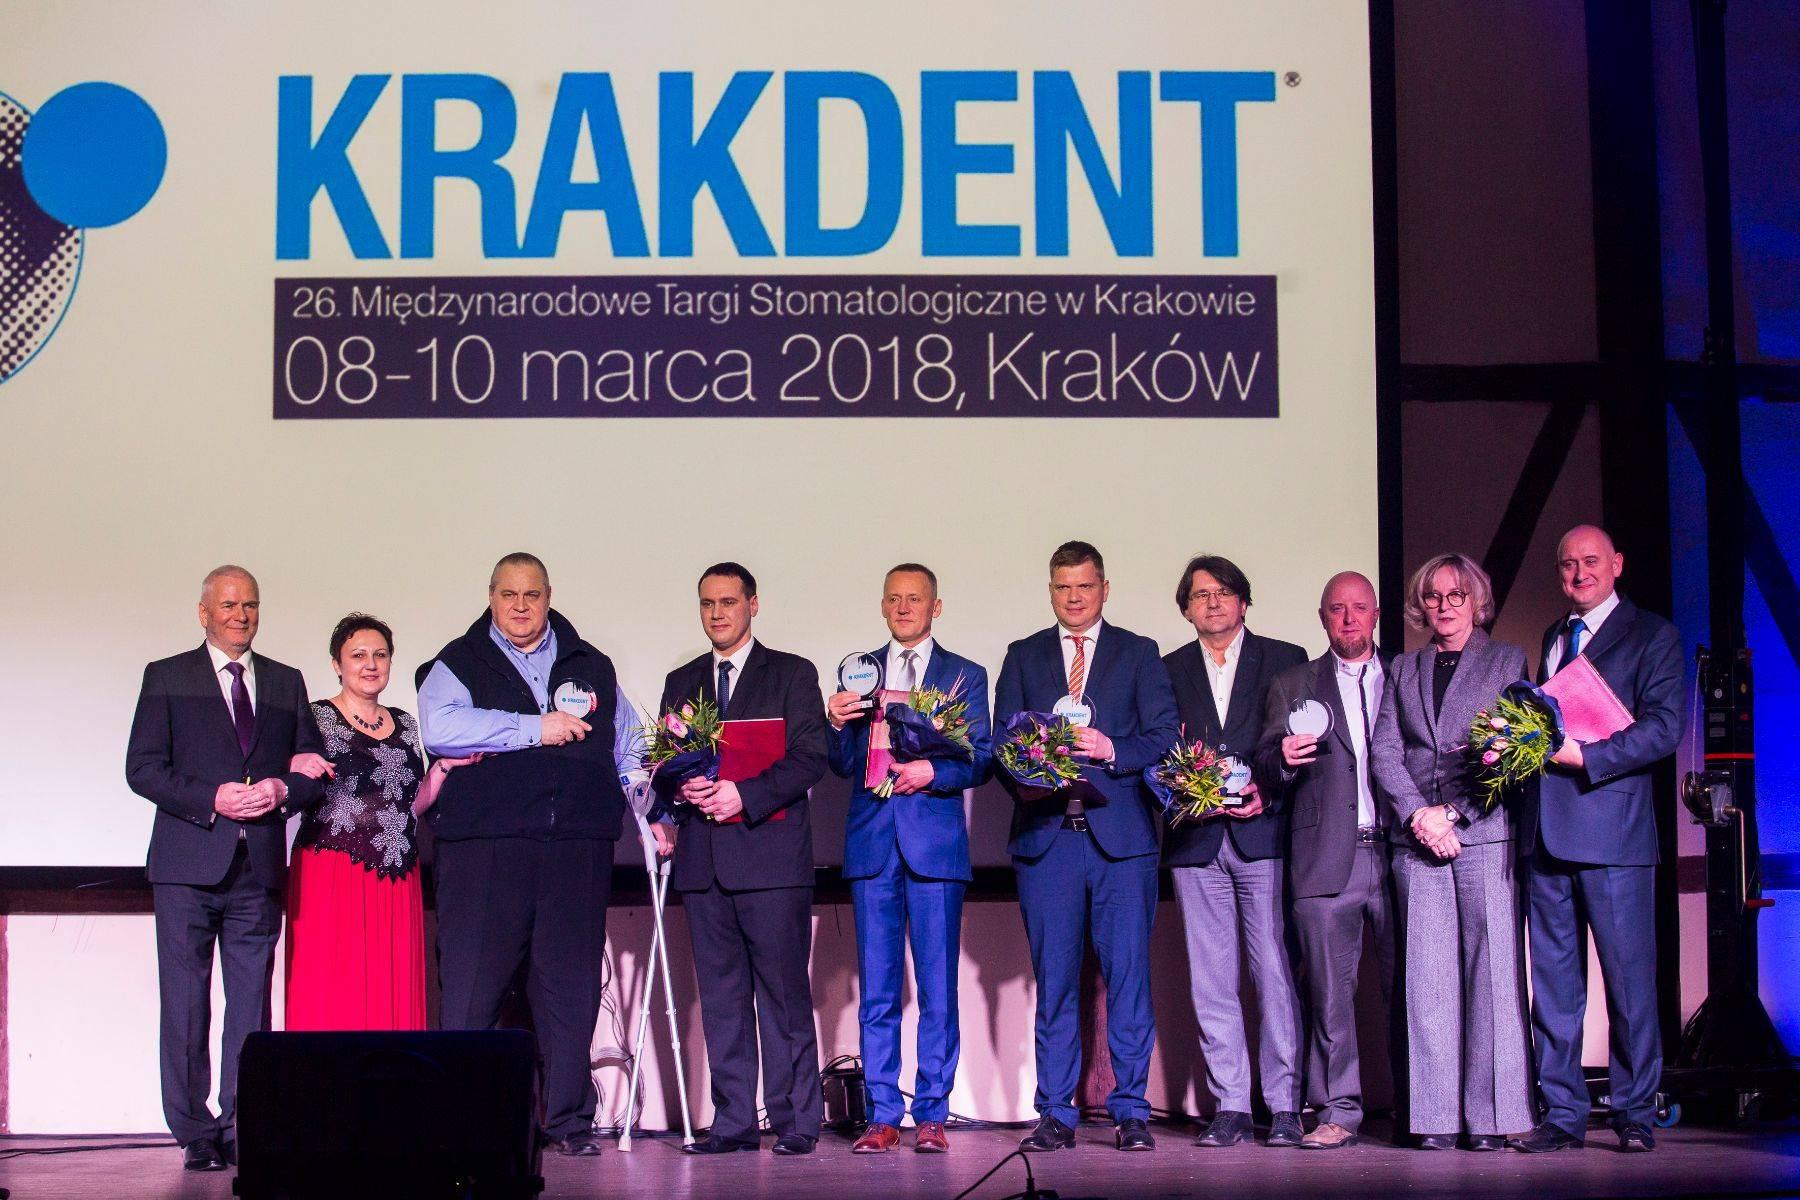 Medale Najwyższej Jakości KRAKDENT 2018